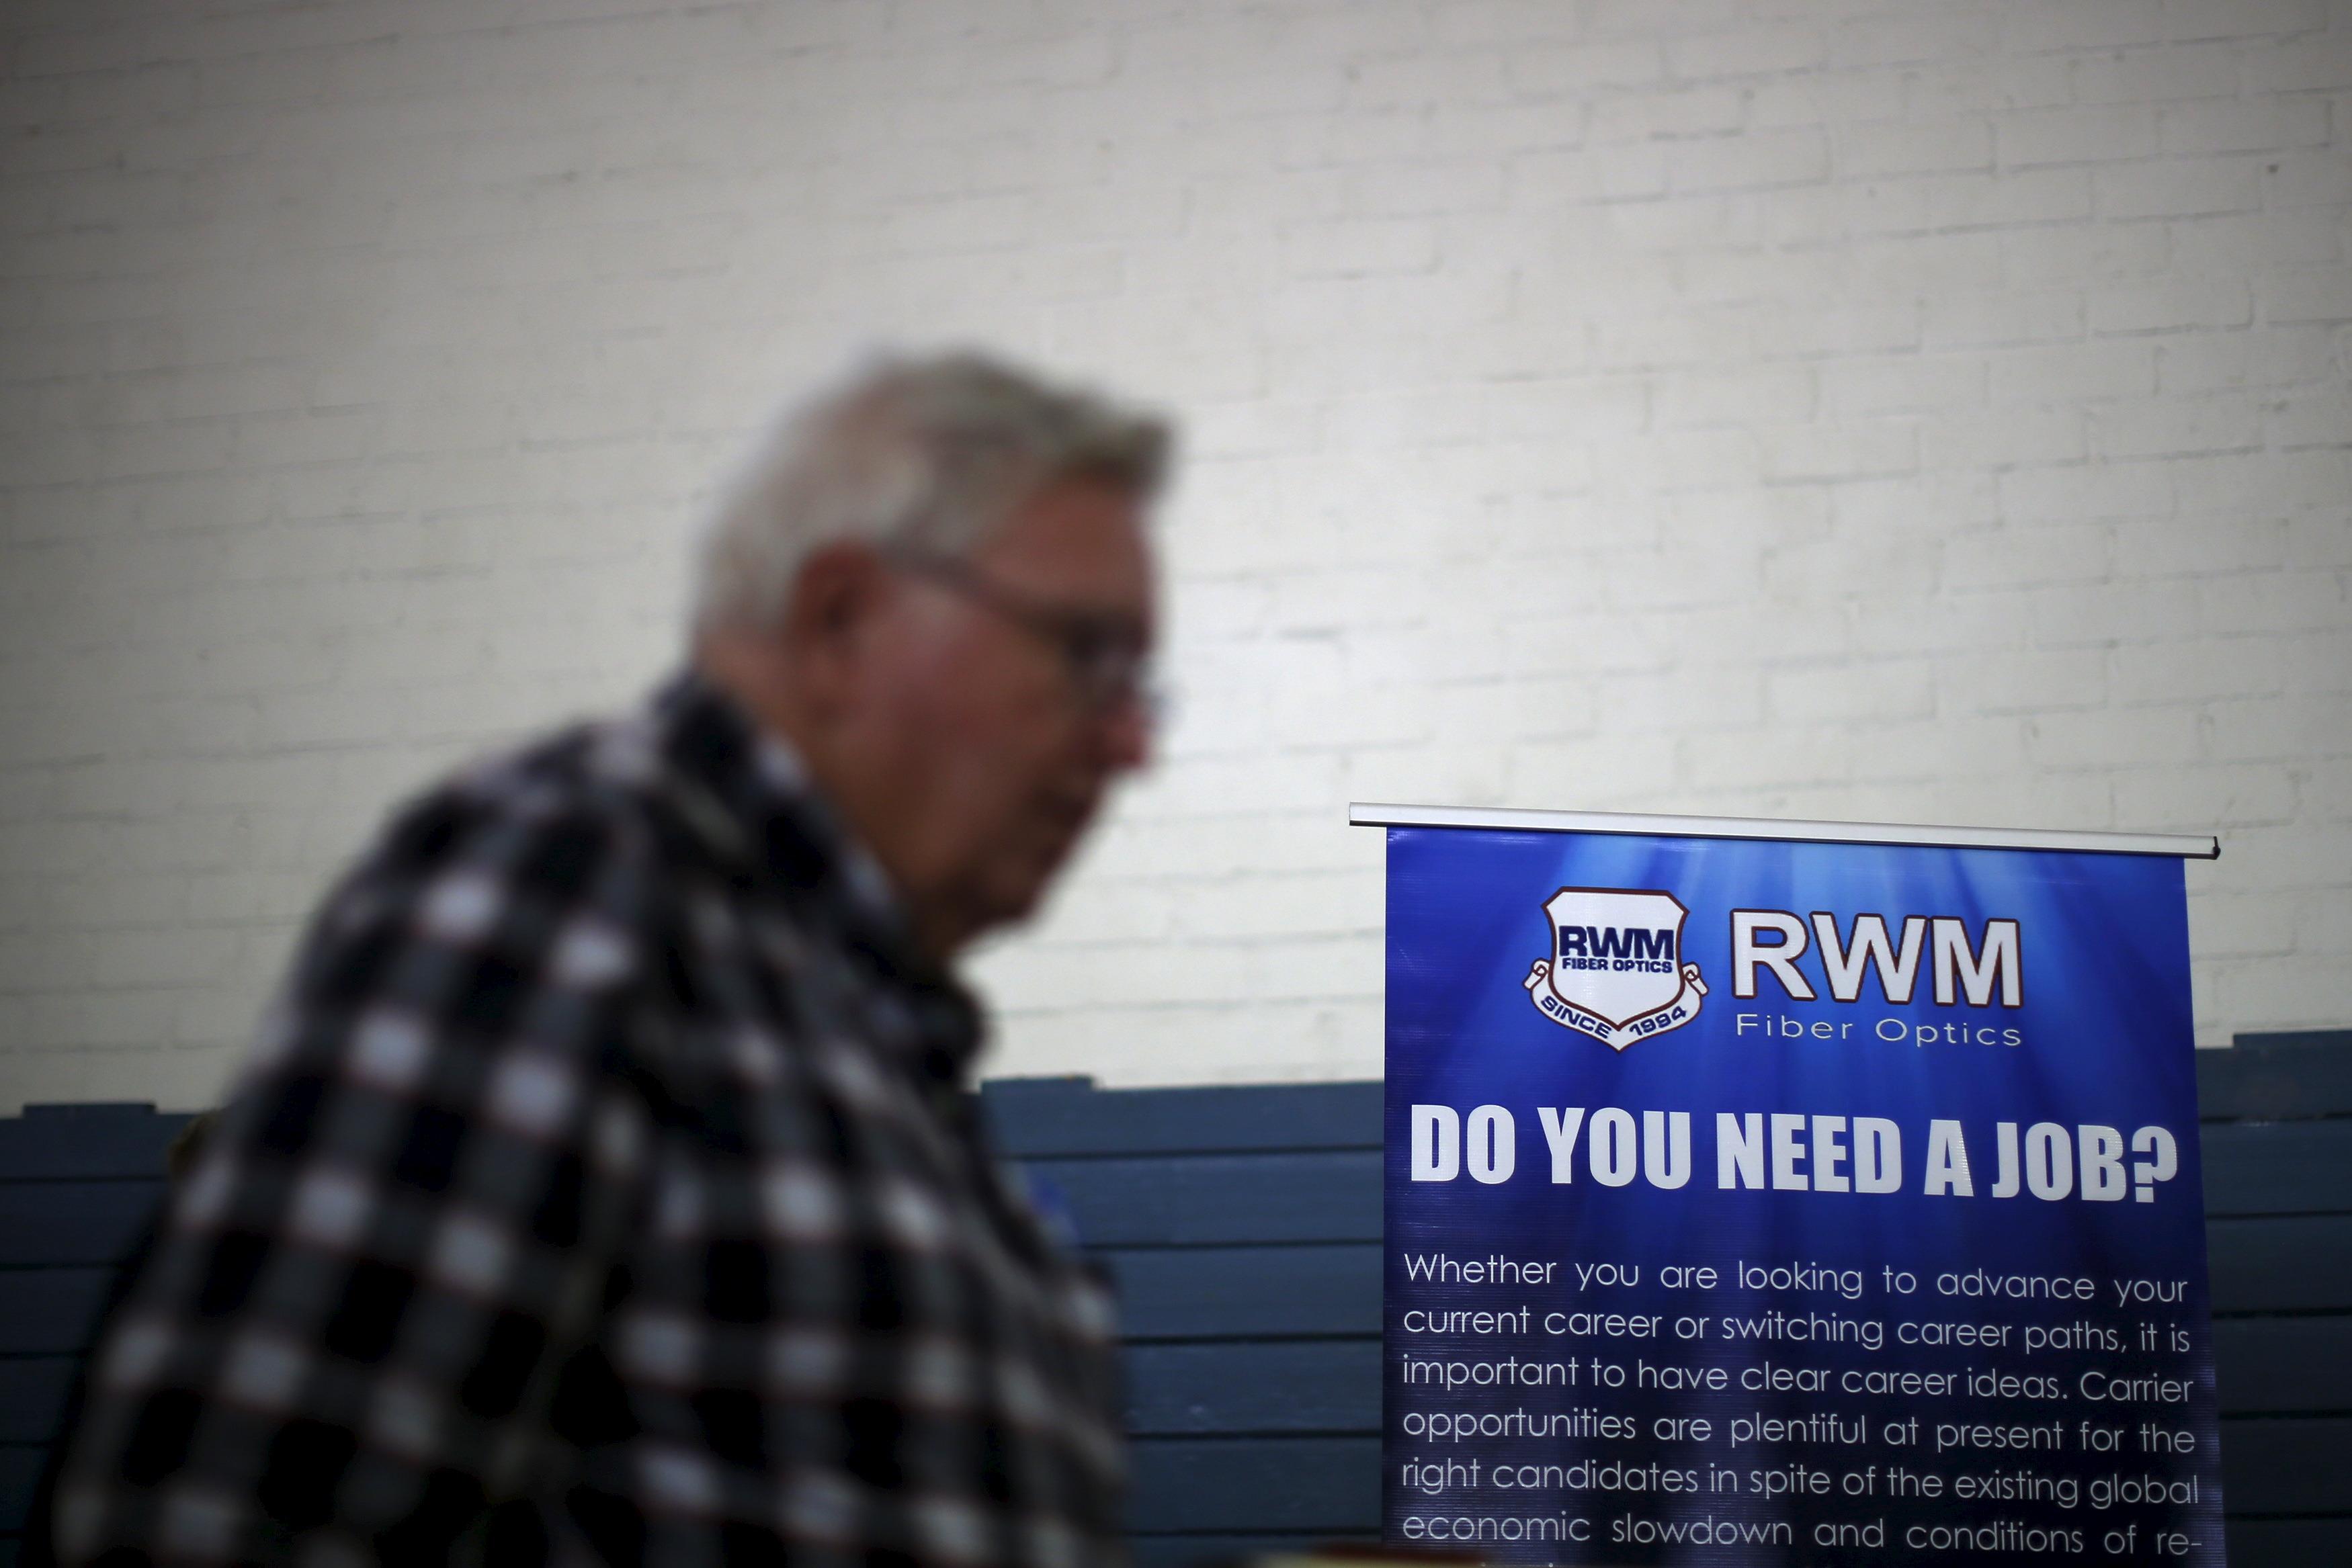 A job seeker walks past a sign at a veterans' job fair in Burbank, Los Angeles